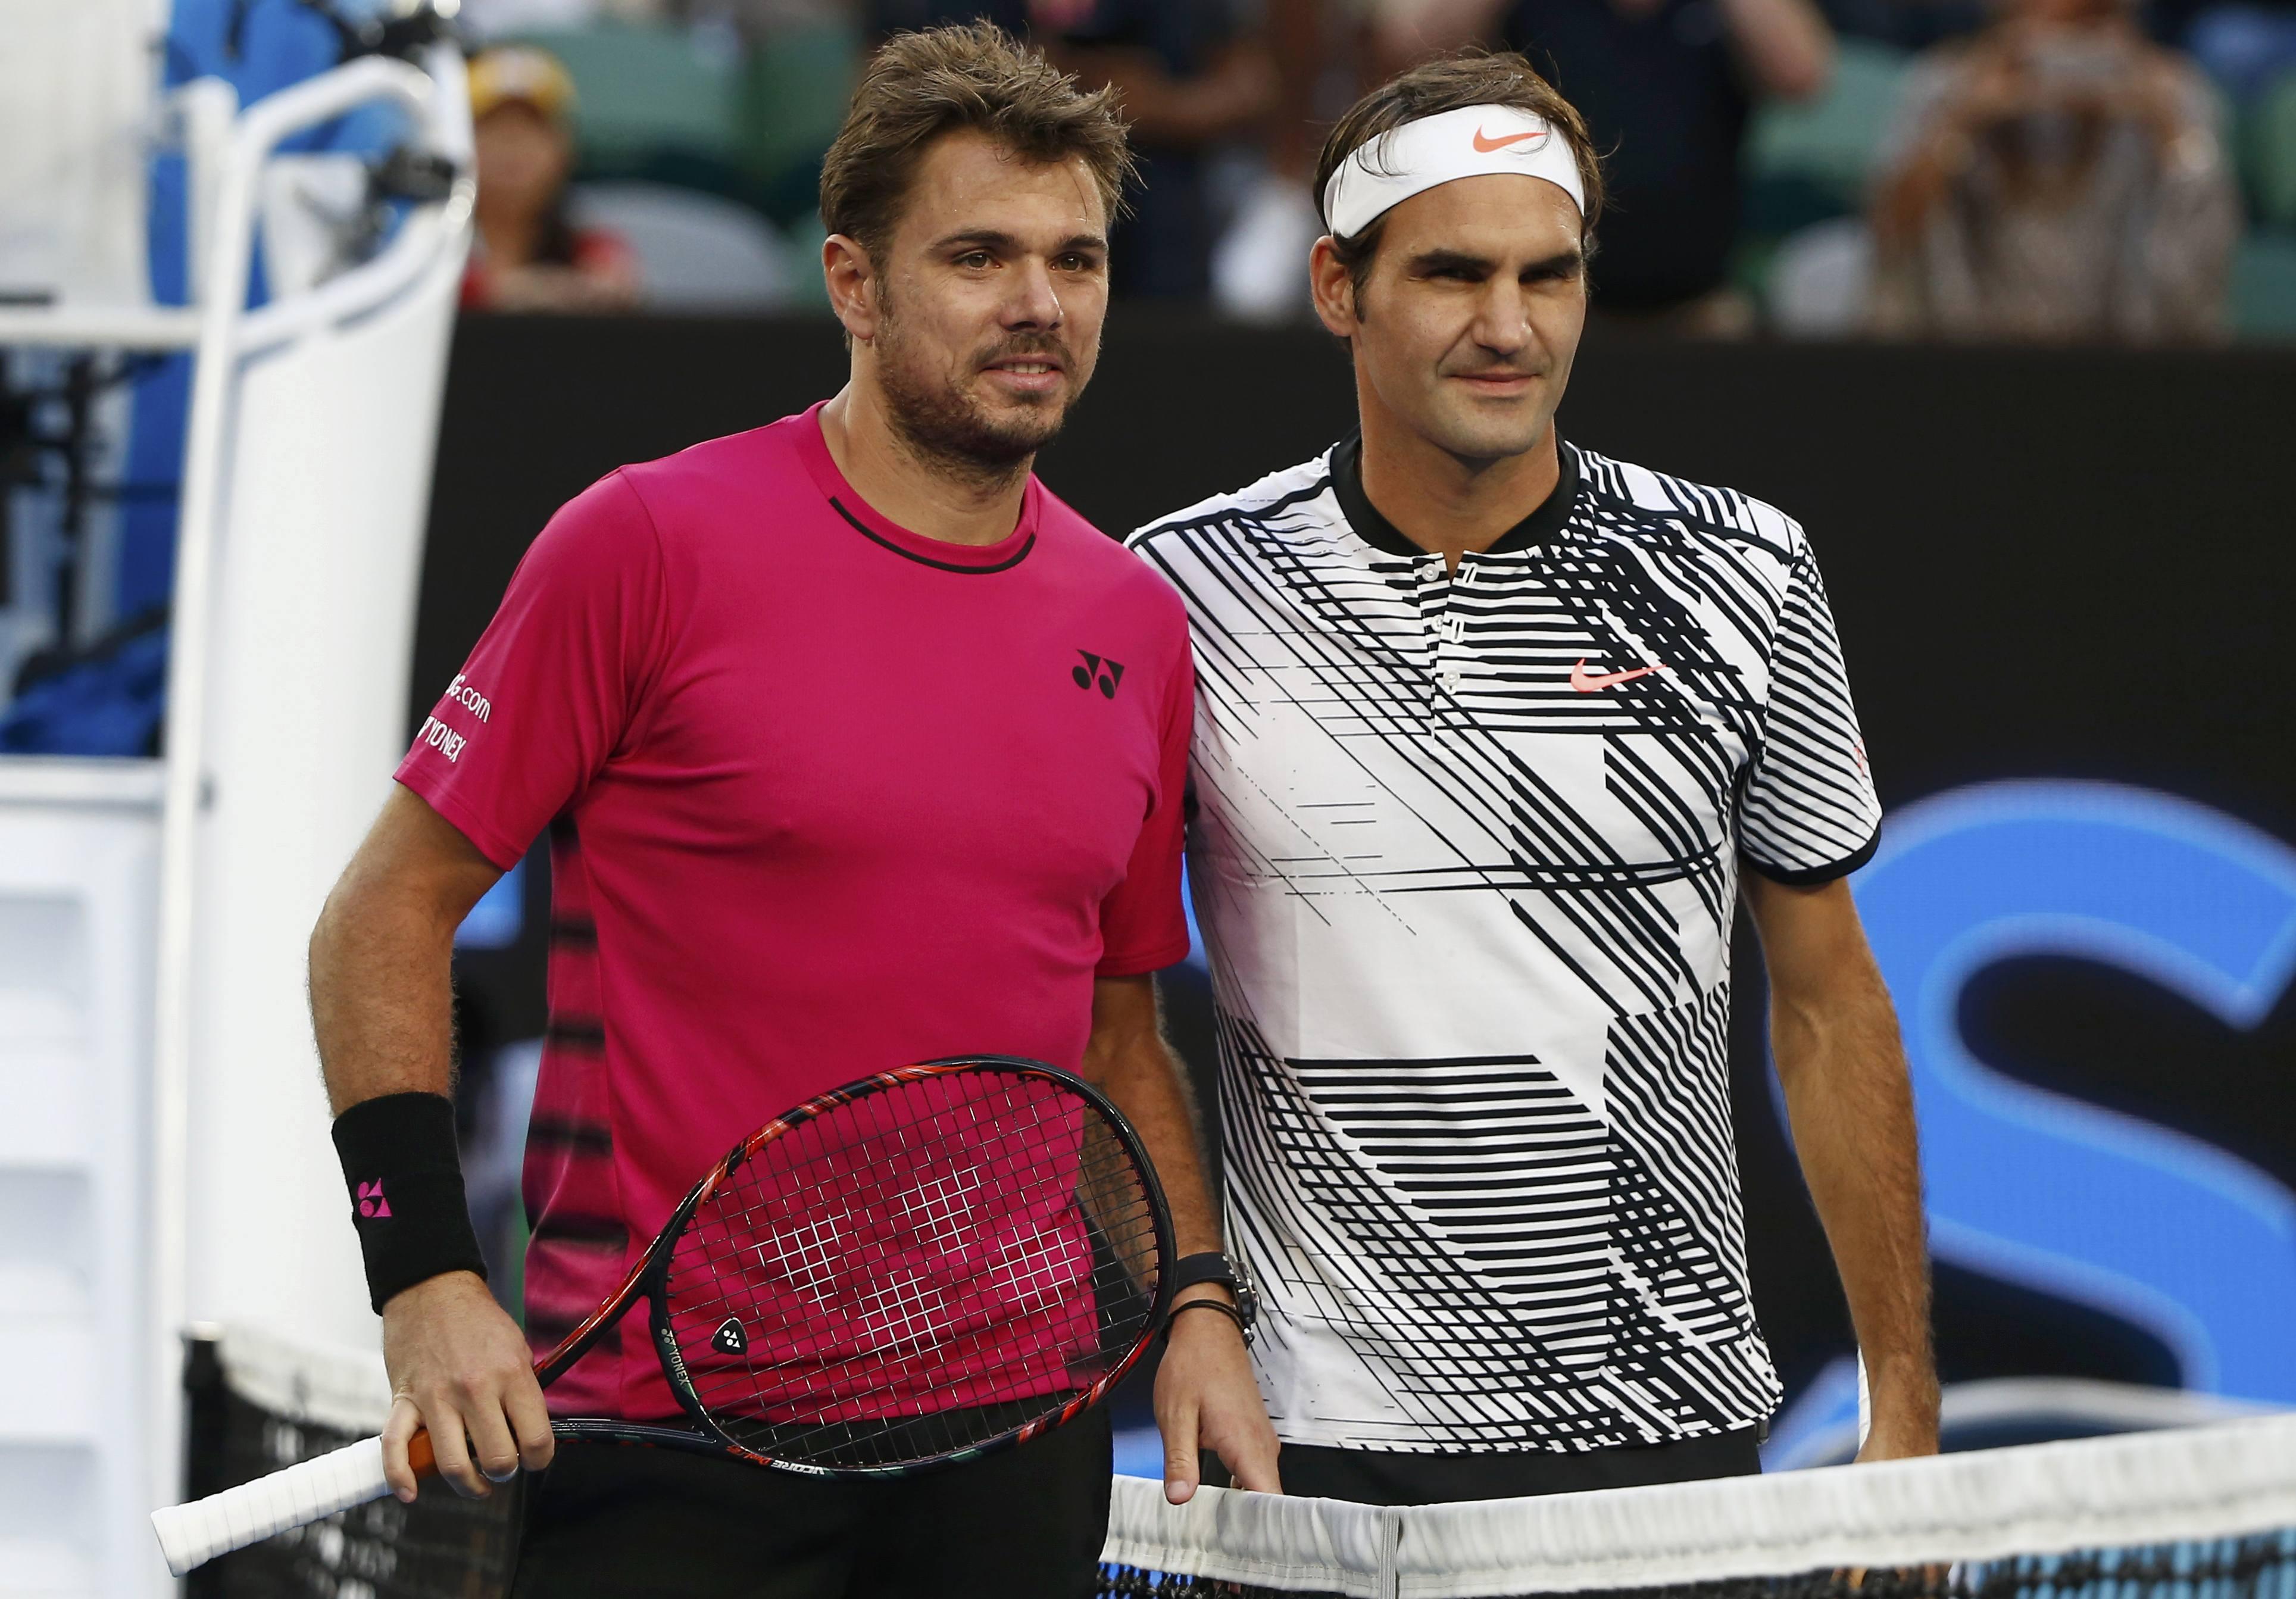 مواجهة جديدة بين نادال وفيدرر في نهائي بطولة استراليا المفتوحة للتنس